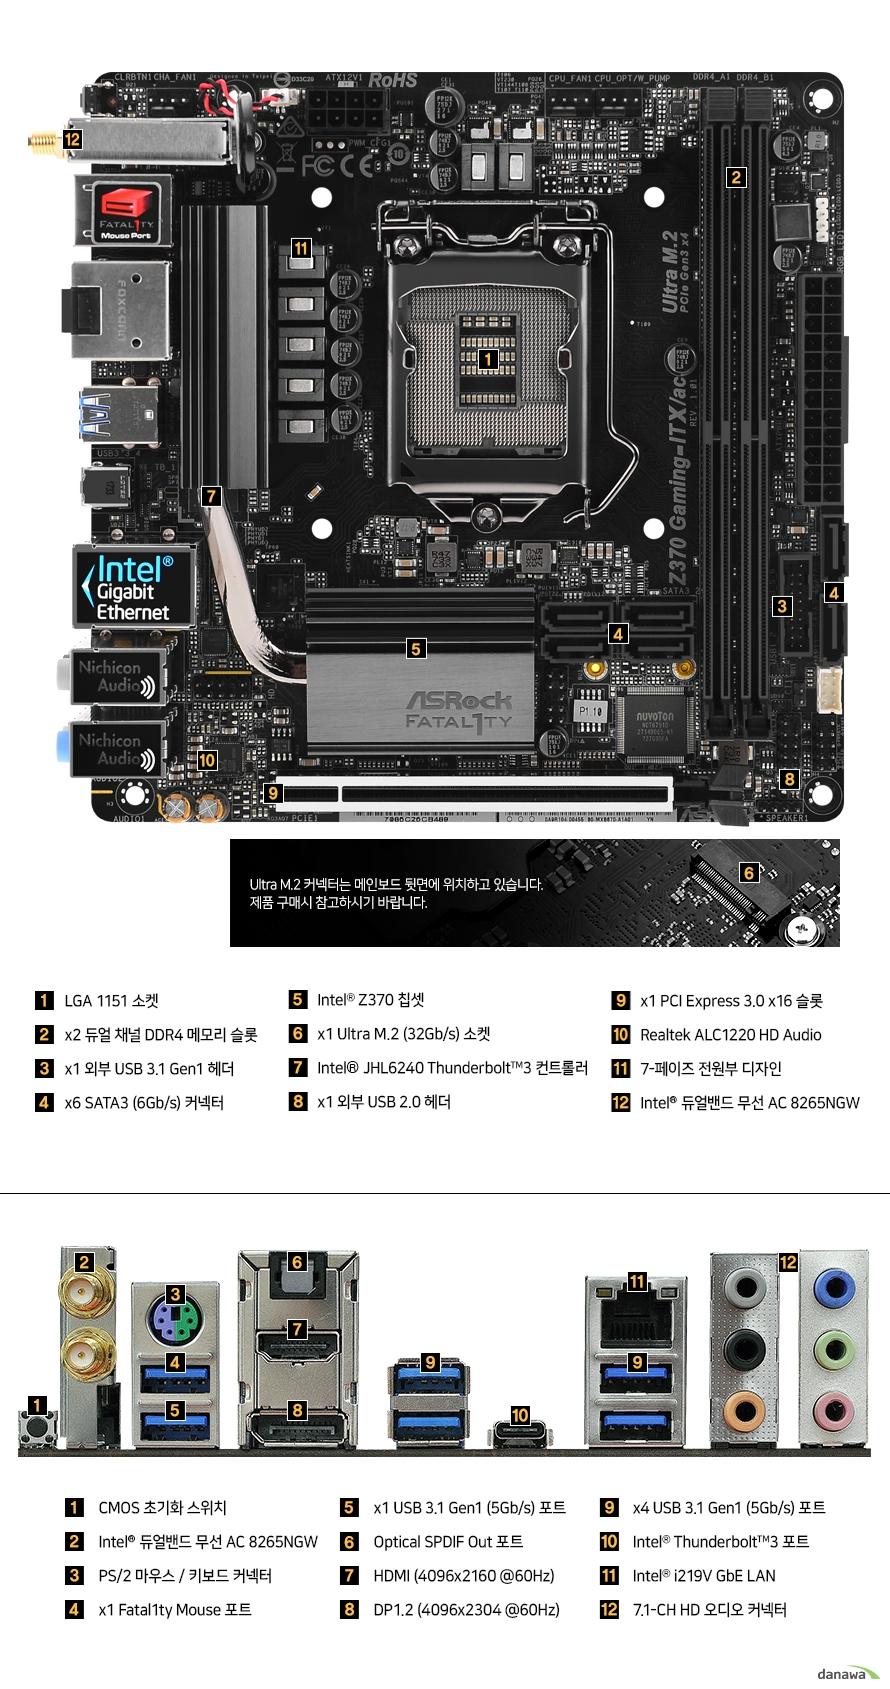 온보드 패널        LGA 1151소켓    듀얼채널 DDR4 메모리 슬롯 2개    외부 USB3.1 GEN1 헤더 1개    SATA3 6GBPS 커넥터 6개    인텔 z370칩셋    울트라 m.2 32gbps 소켓 1개    인텔 jhl6240 썬더볼트3 컨트롤러    외부 usb 2.0 헤더    pcie 3.0 16배속 슬롯 1개    리얼텍 alc 1220 hd 오디오 코덱    7페이즈 전원부 디자인    인텔 듀얼밴드 무선 ac 8265ngw        울트라 m.2 커넥터는 메인보드 뒷면에 위치하고 있습니다    제품구매시 참고하시기 바랍니다.        후면 포트        cmos 초기화 스위치    인텔 듀얼밴드 무선 ac 8265ngw    ps/2 마우스 및 키보드 커넥터    fatality 마우스 포트 1개    usb 3.1 gen1 5gbps 포트 6개    옵티컬 spdif out 포트    hdmi 최대 4096 2160 60헤르츠 해상도 포트     dp1.2 최대 4096 2304 60헤르츠 해상도 포트    인텔 썬더볼트3 포트    인텔 i219v 기가비트 랜 포트    7.1 hd  오디오 커넥터 포트